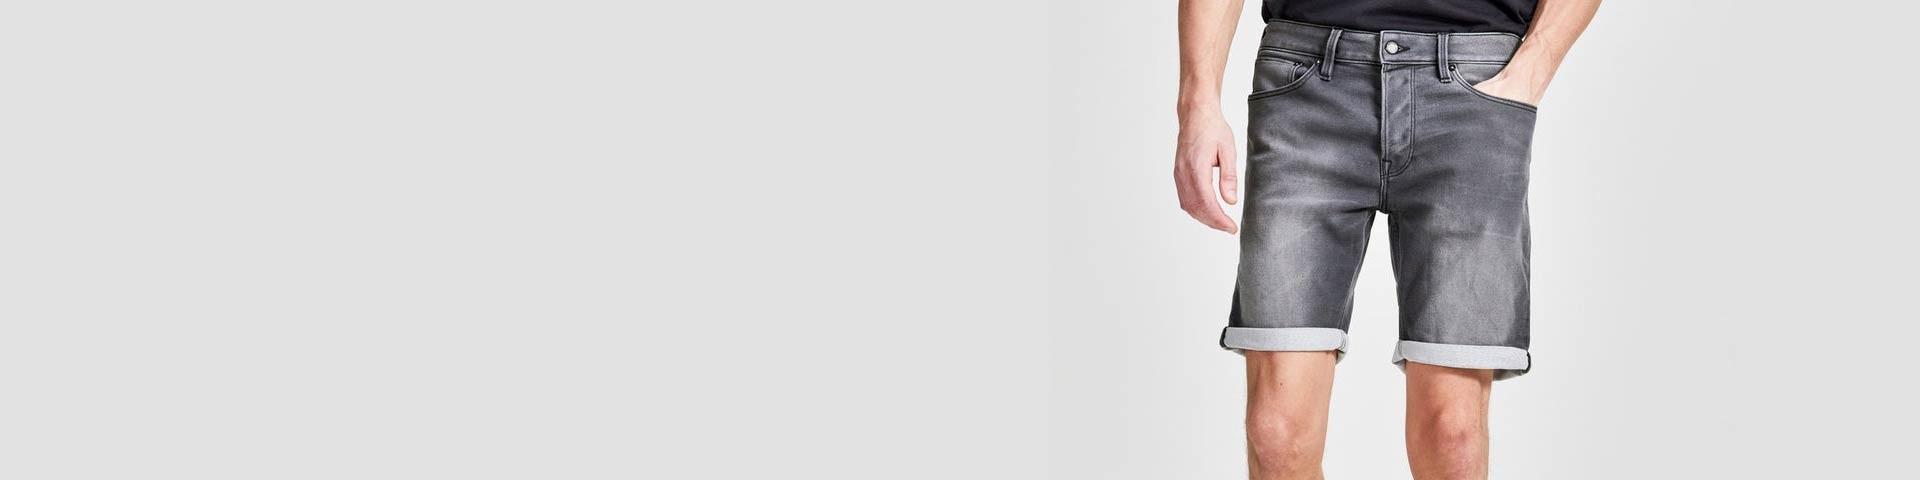 Bermudas y pantalones cortos de hombre - MODA – Online Closer